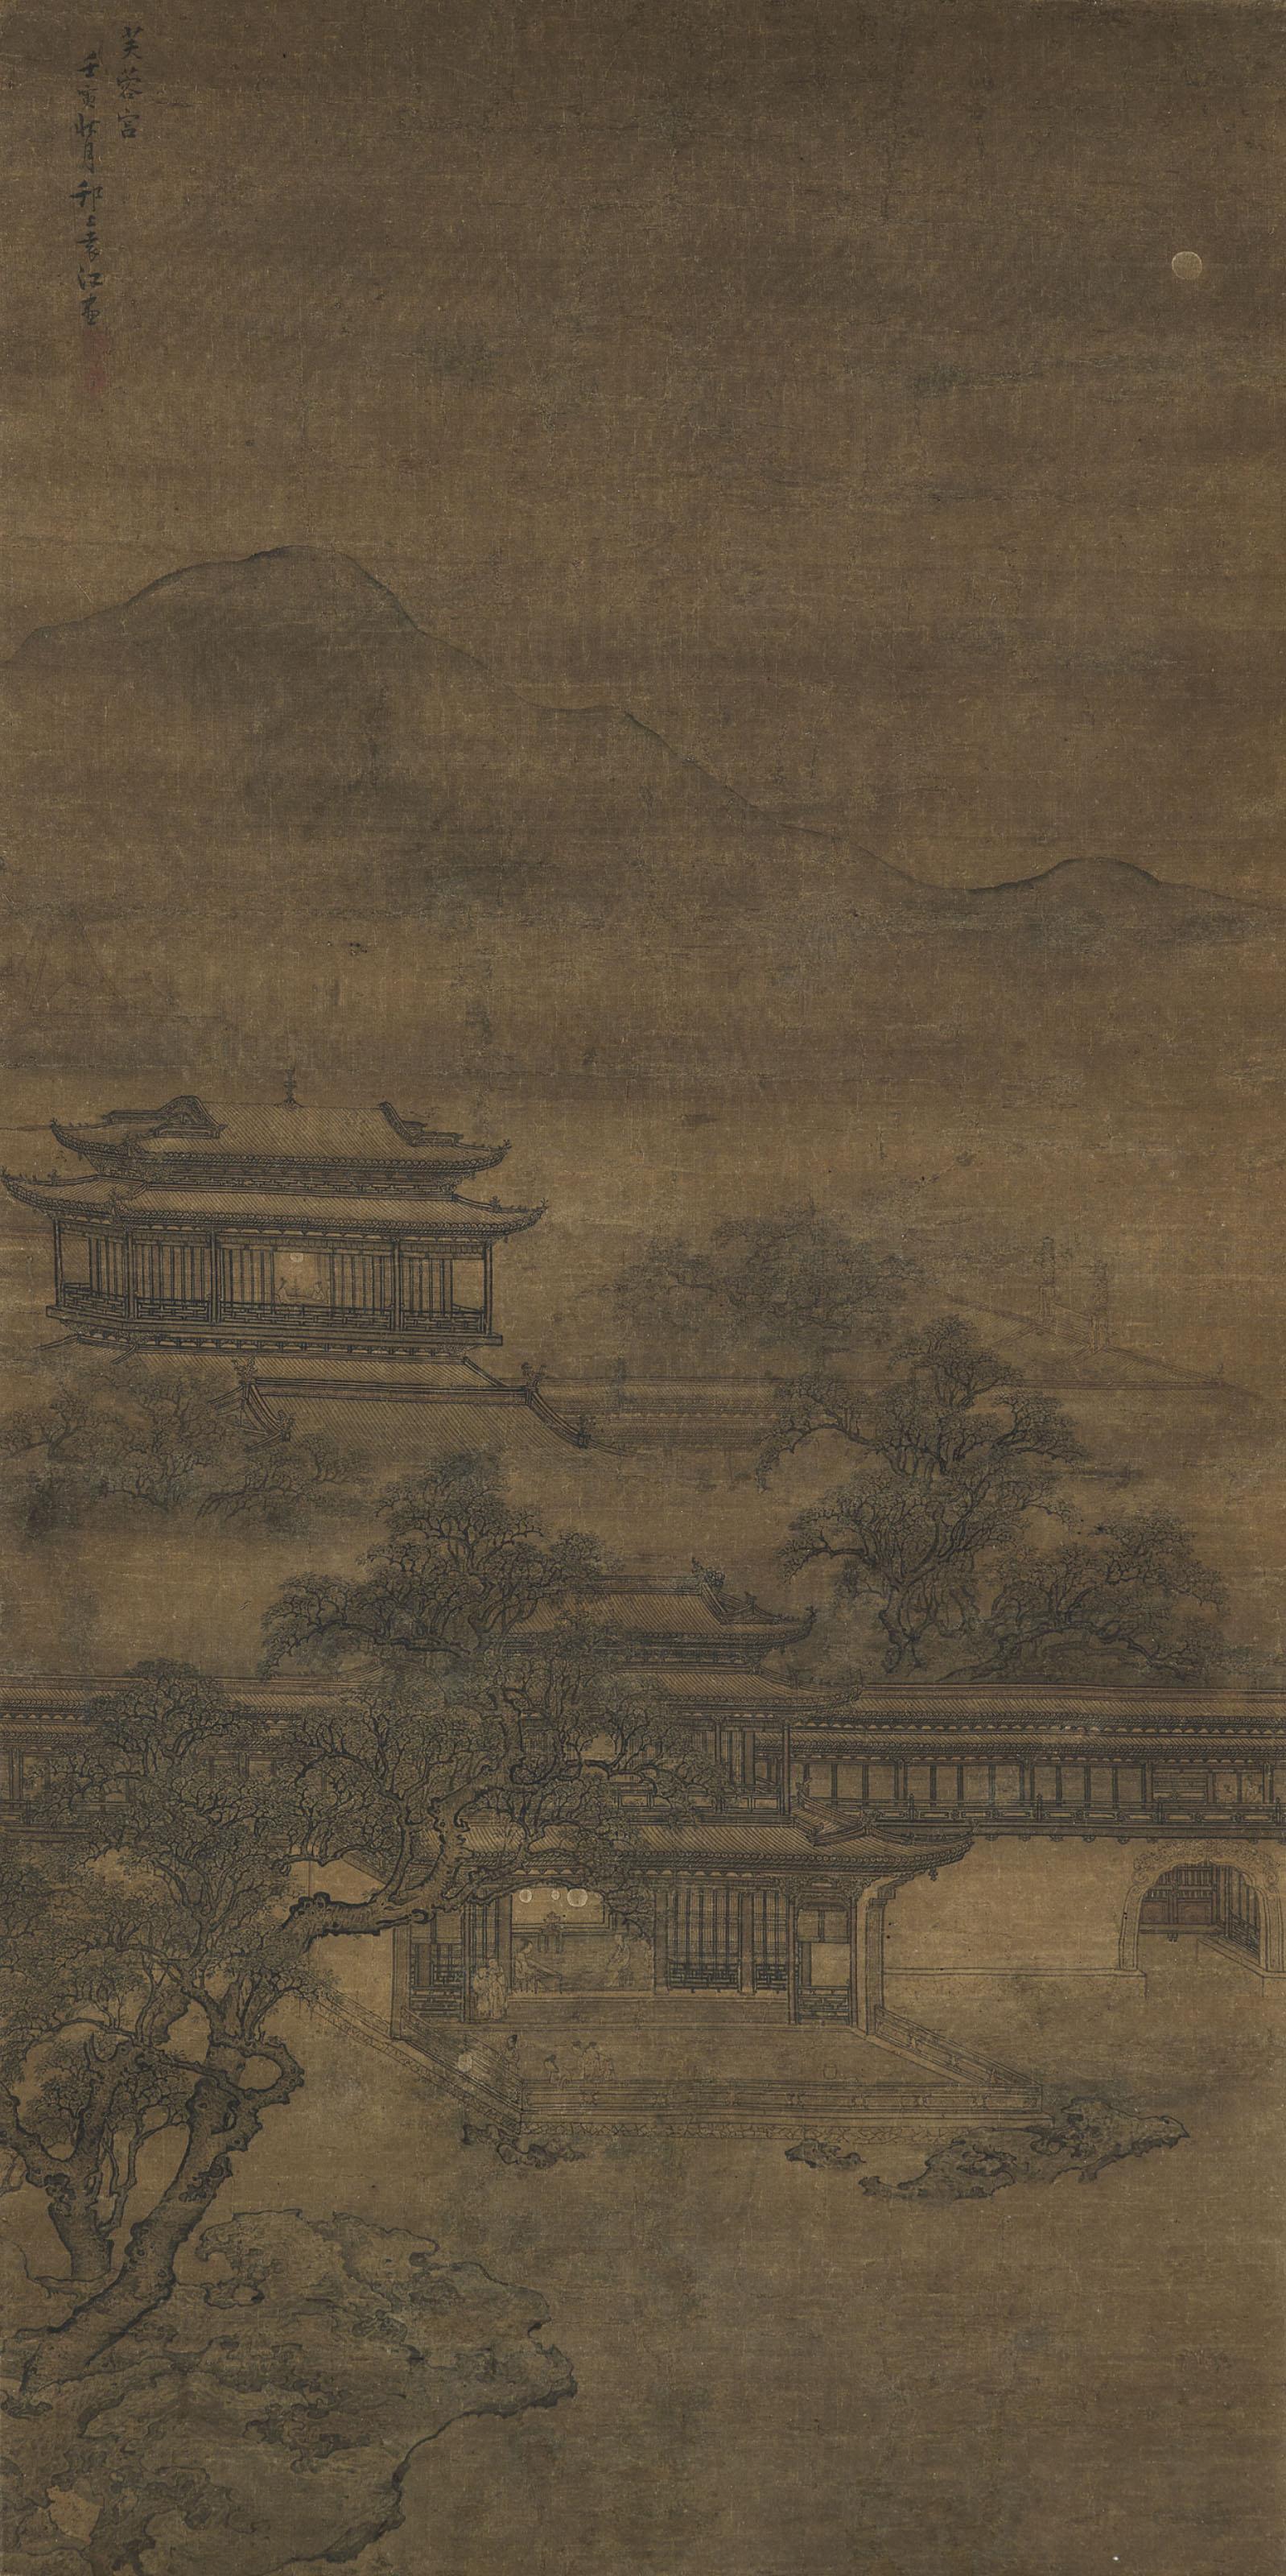 YUAN JIANG (1662-1735)